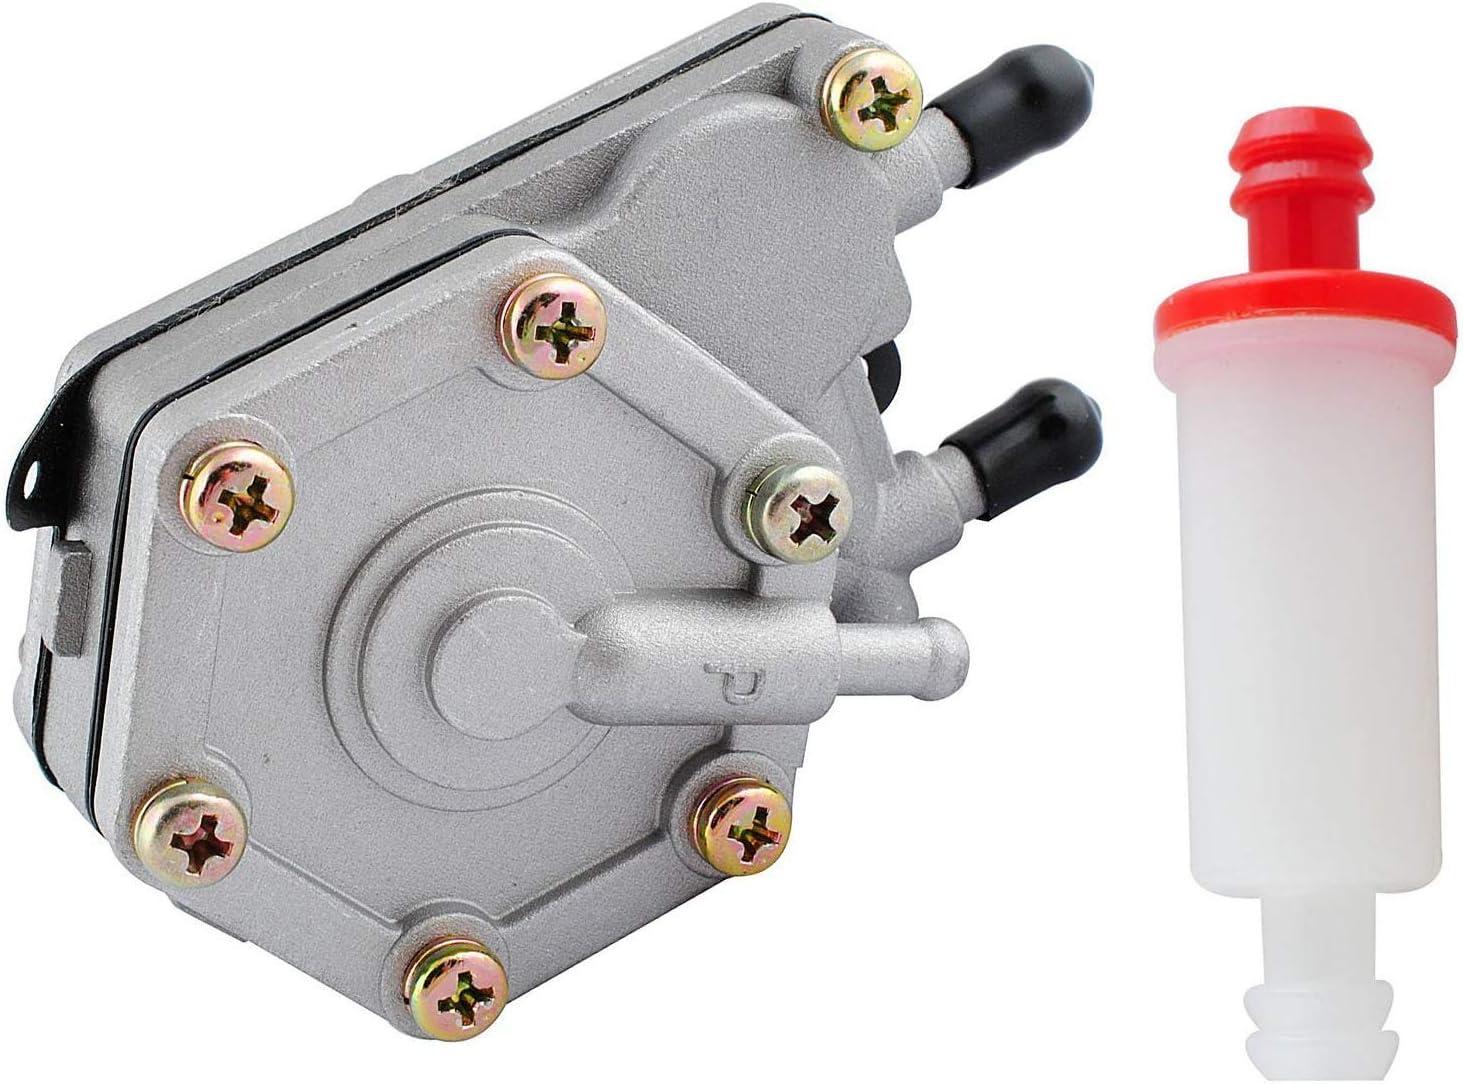 Poweka 2520227 Pompe /à carburant pour Polaris Sportsman 325 400 500 600 700 6 x 6 Magnum 325 avec 2530009 Filtre /à carburant en ligne